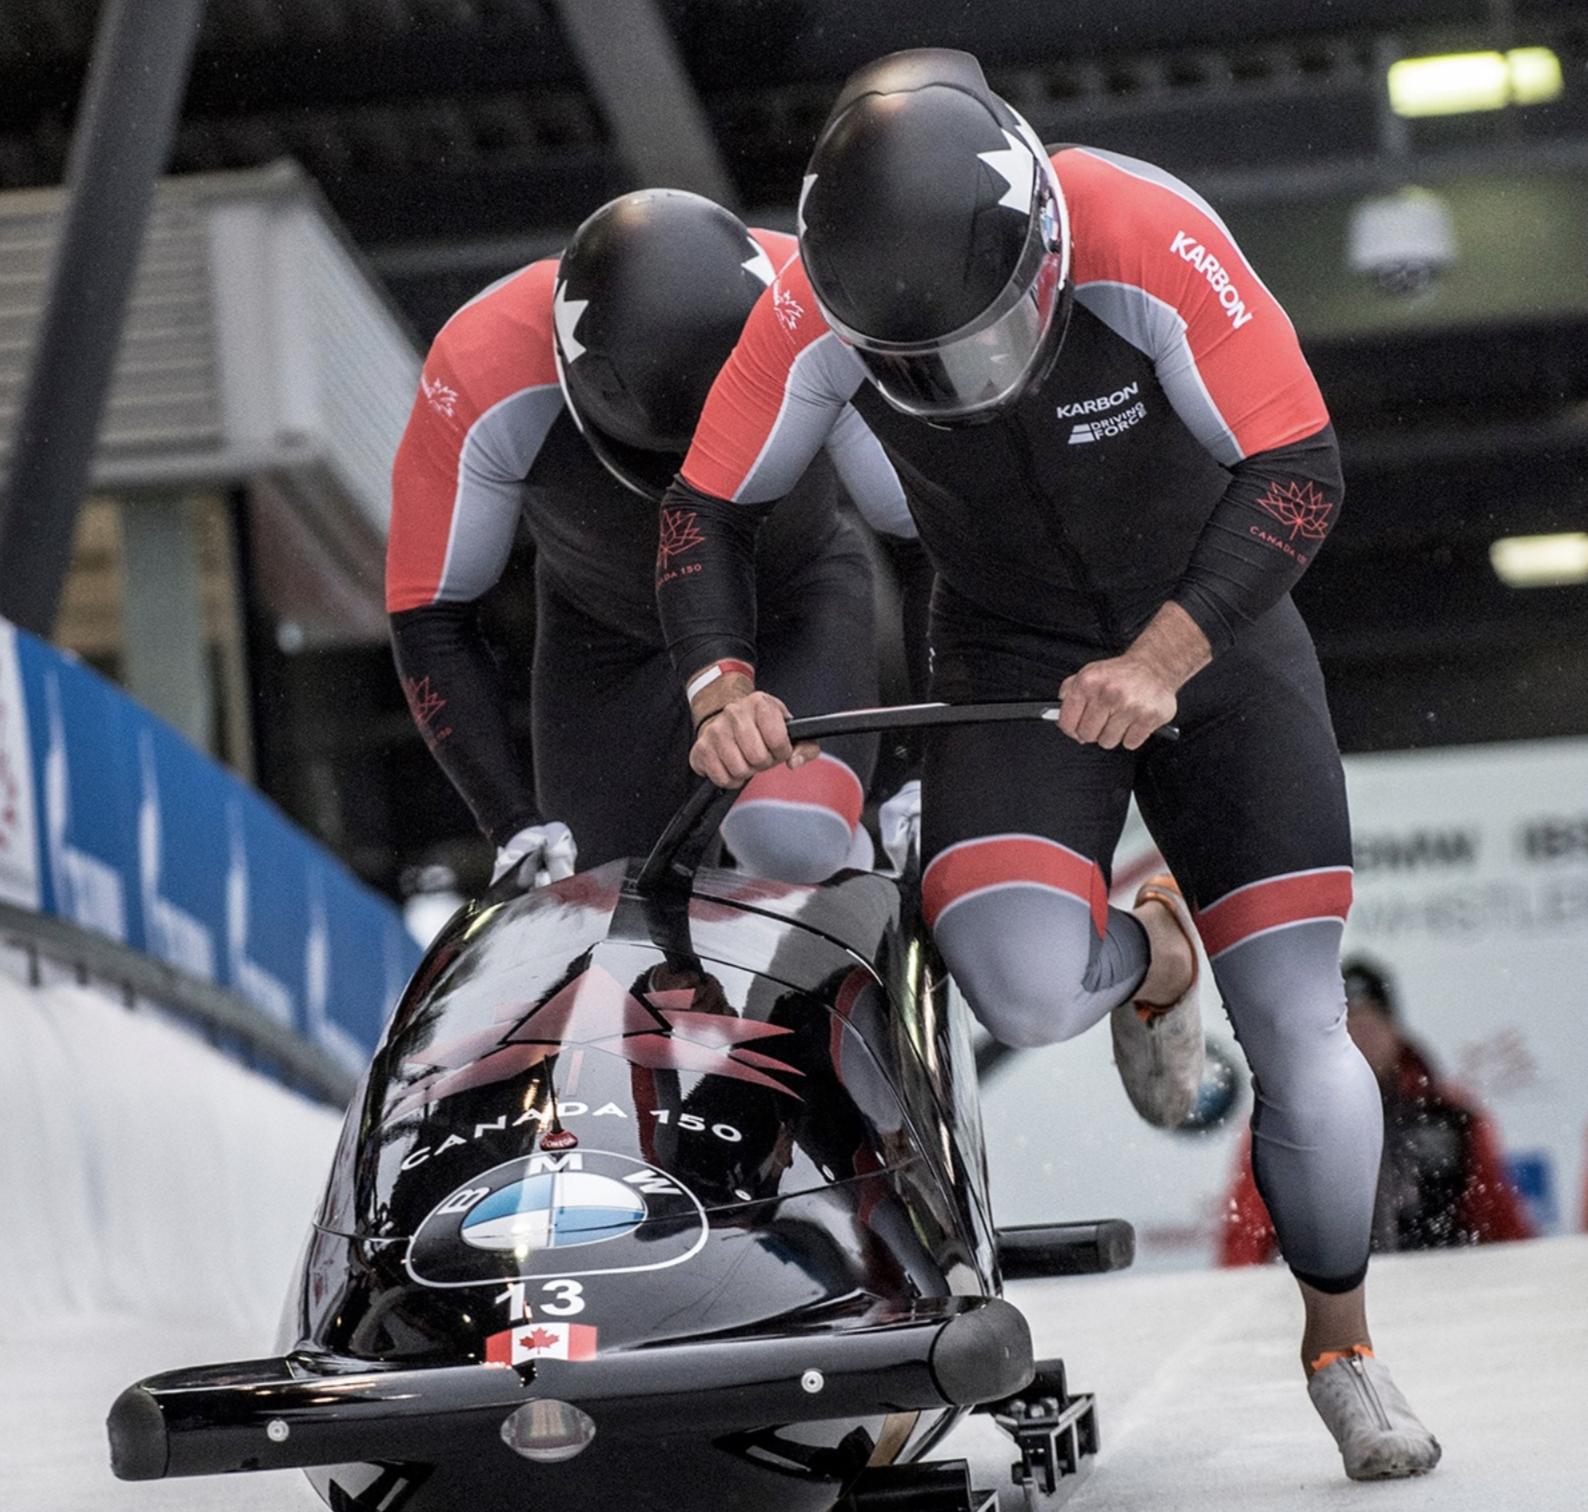 Chris Spring et Neville Wright d'Équipe Canada en action à la Coupe du monde de bobsleigh à Whistler, le 24 novembre 2017.